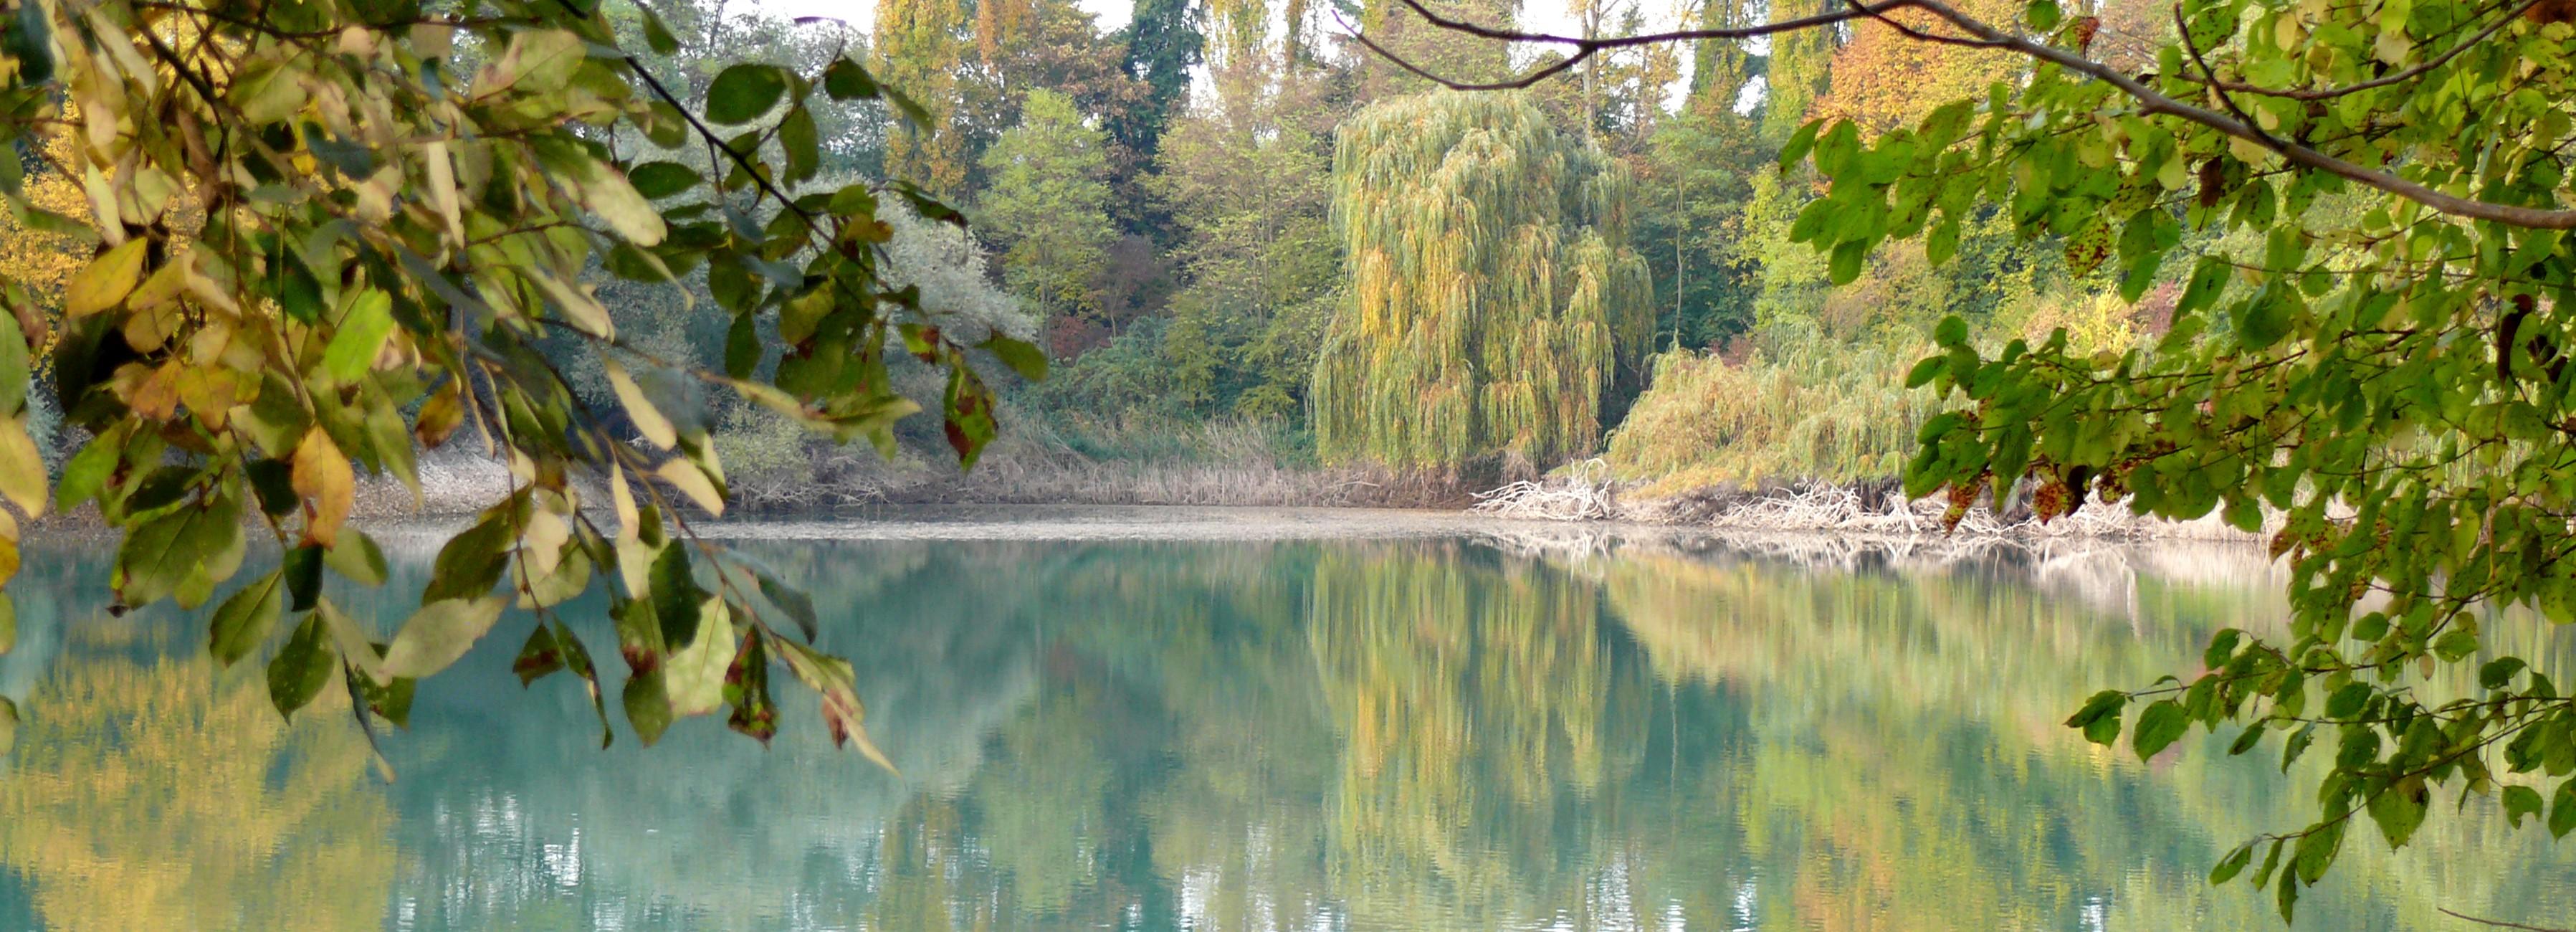 Umweltschutz heißt: Renaturierter Baggersee der Kiesgrube Leimig bei Koblenz - Umweltpreis für Erdwärmegewinnung